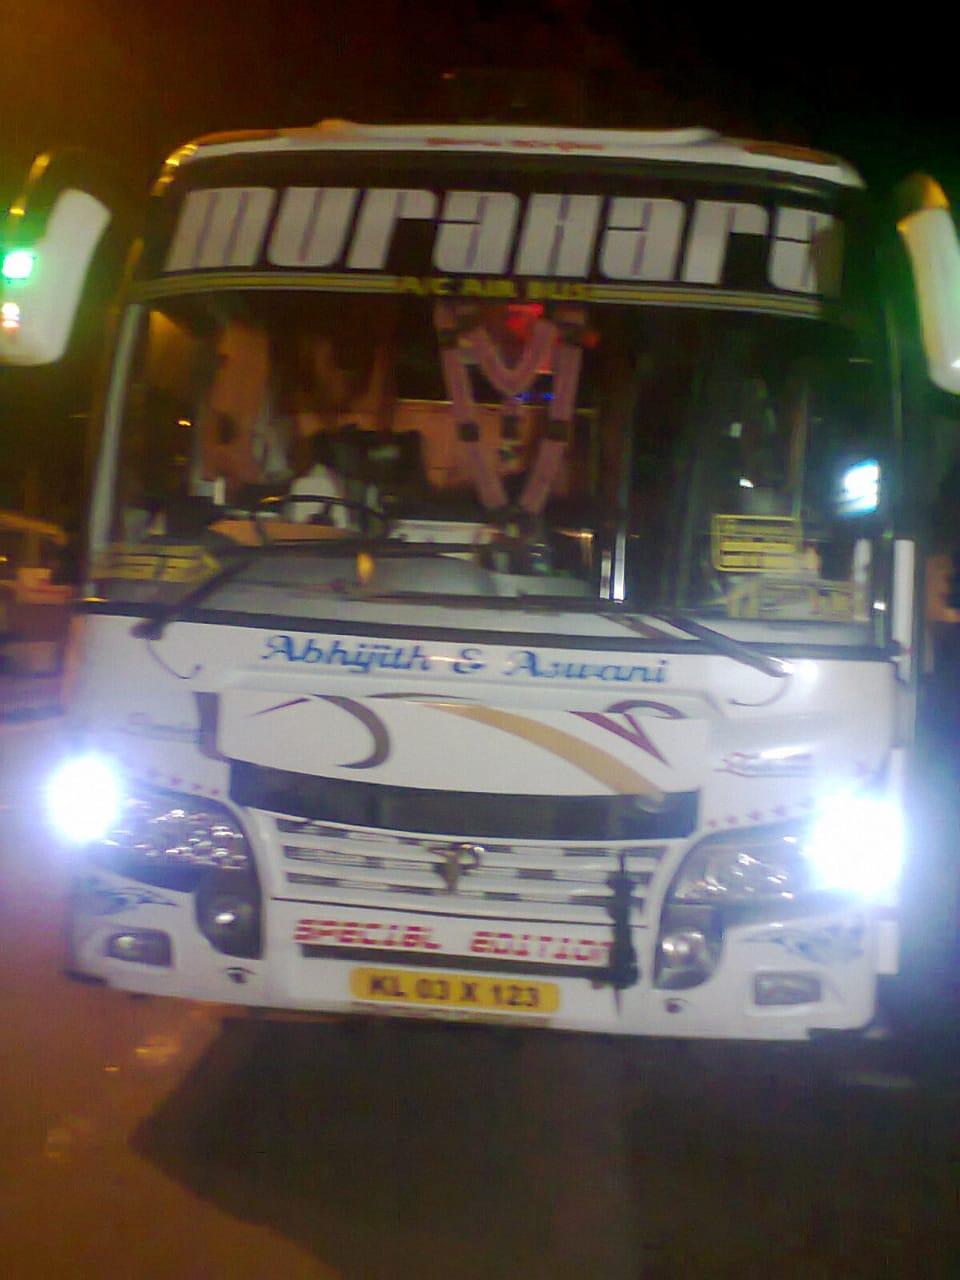 Murahara kerala tourist bus